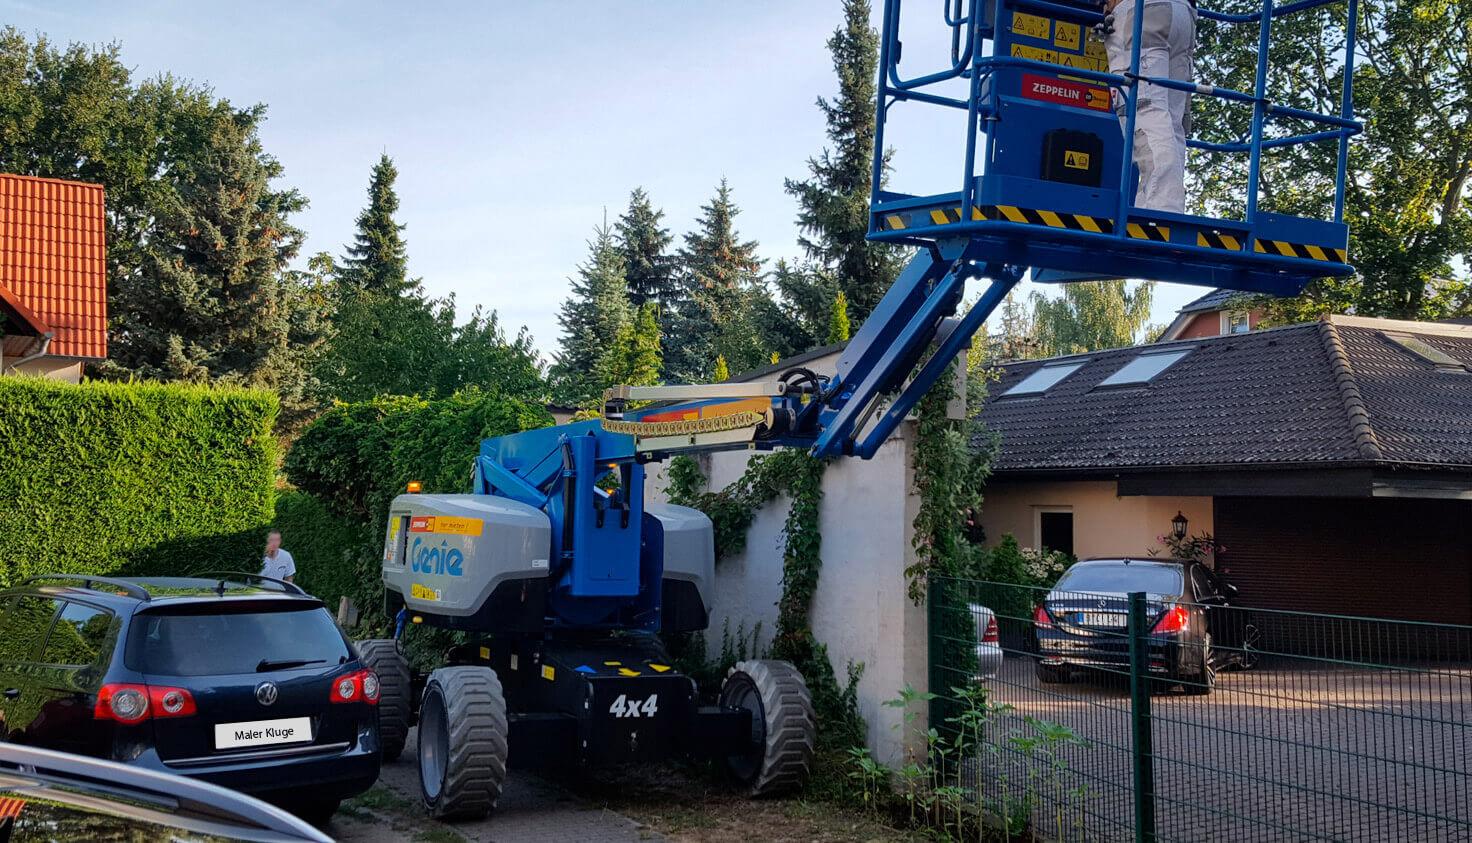 04-loewe-dachkastenbeschichtung-referenz-malerbetrieb-kluge-berlin